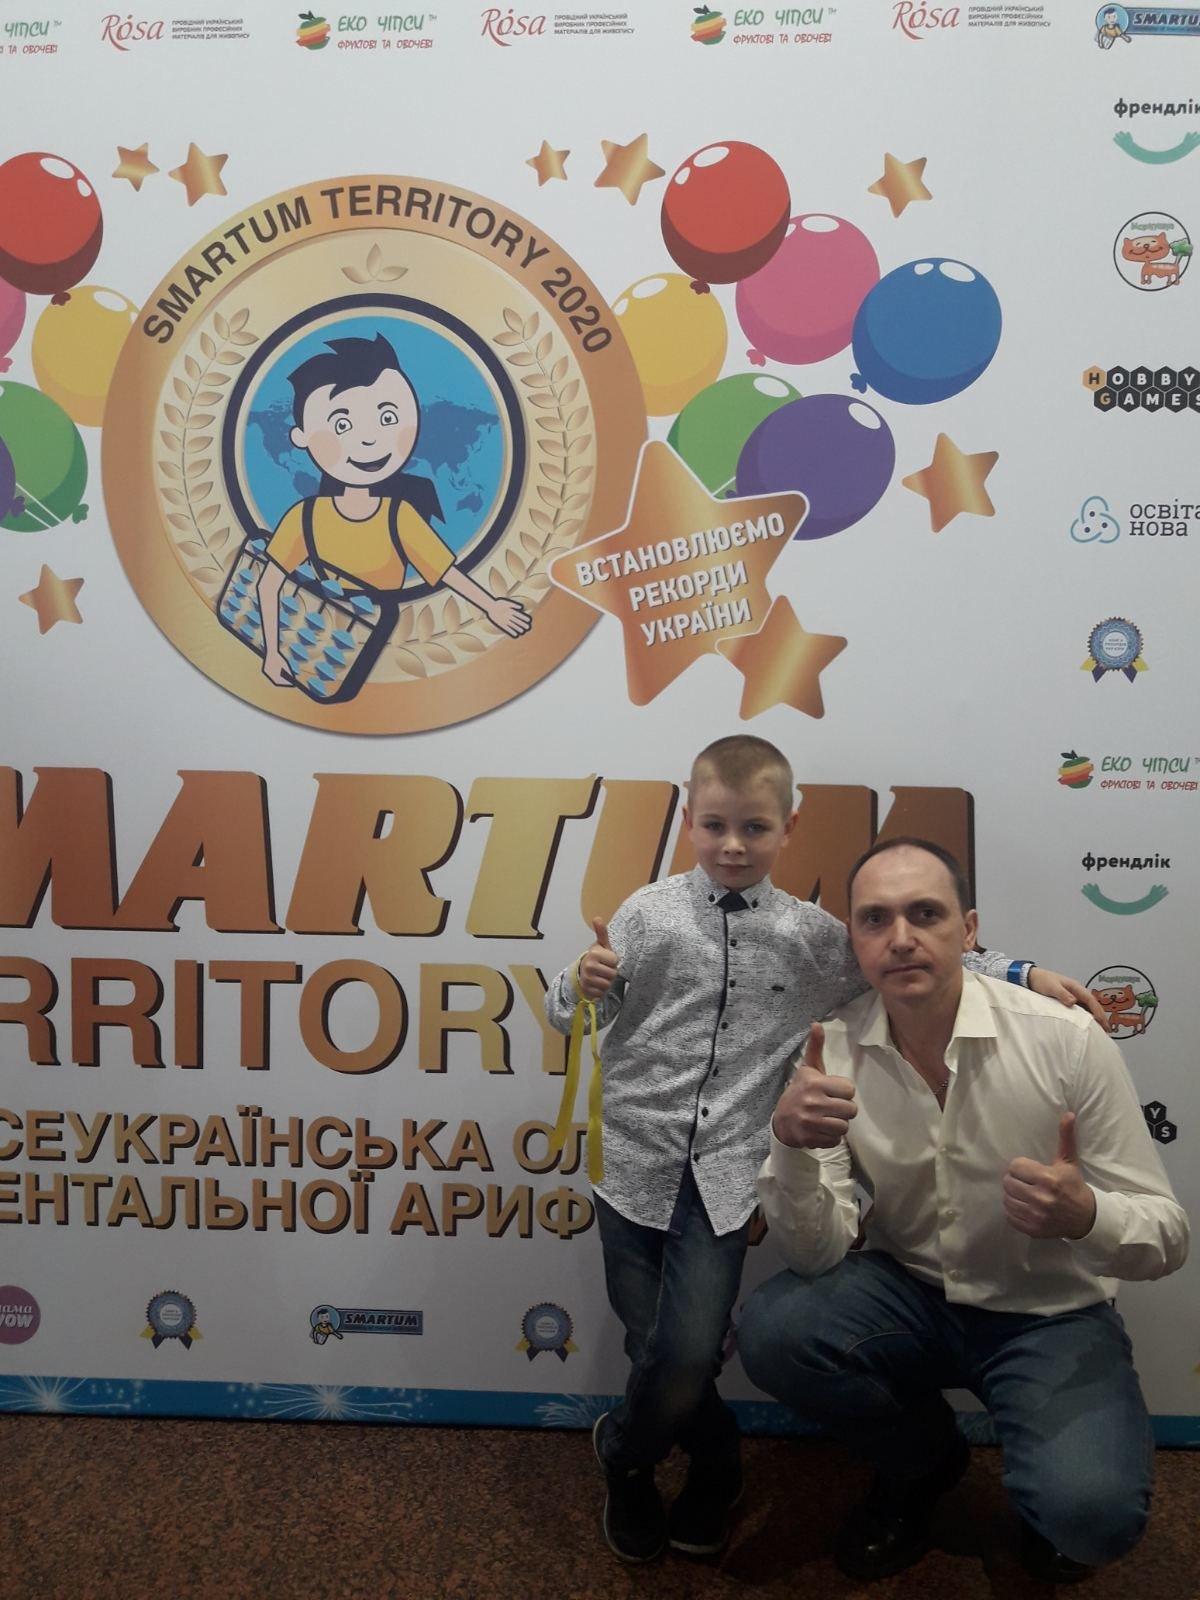 Развитие ребенка в Лозовой, помимо школы и детсада, фото-80